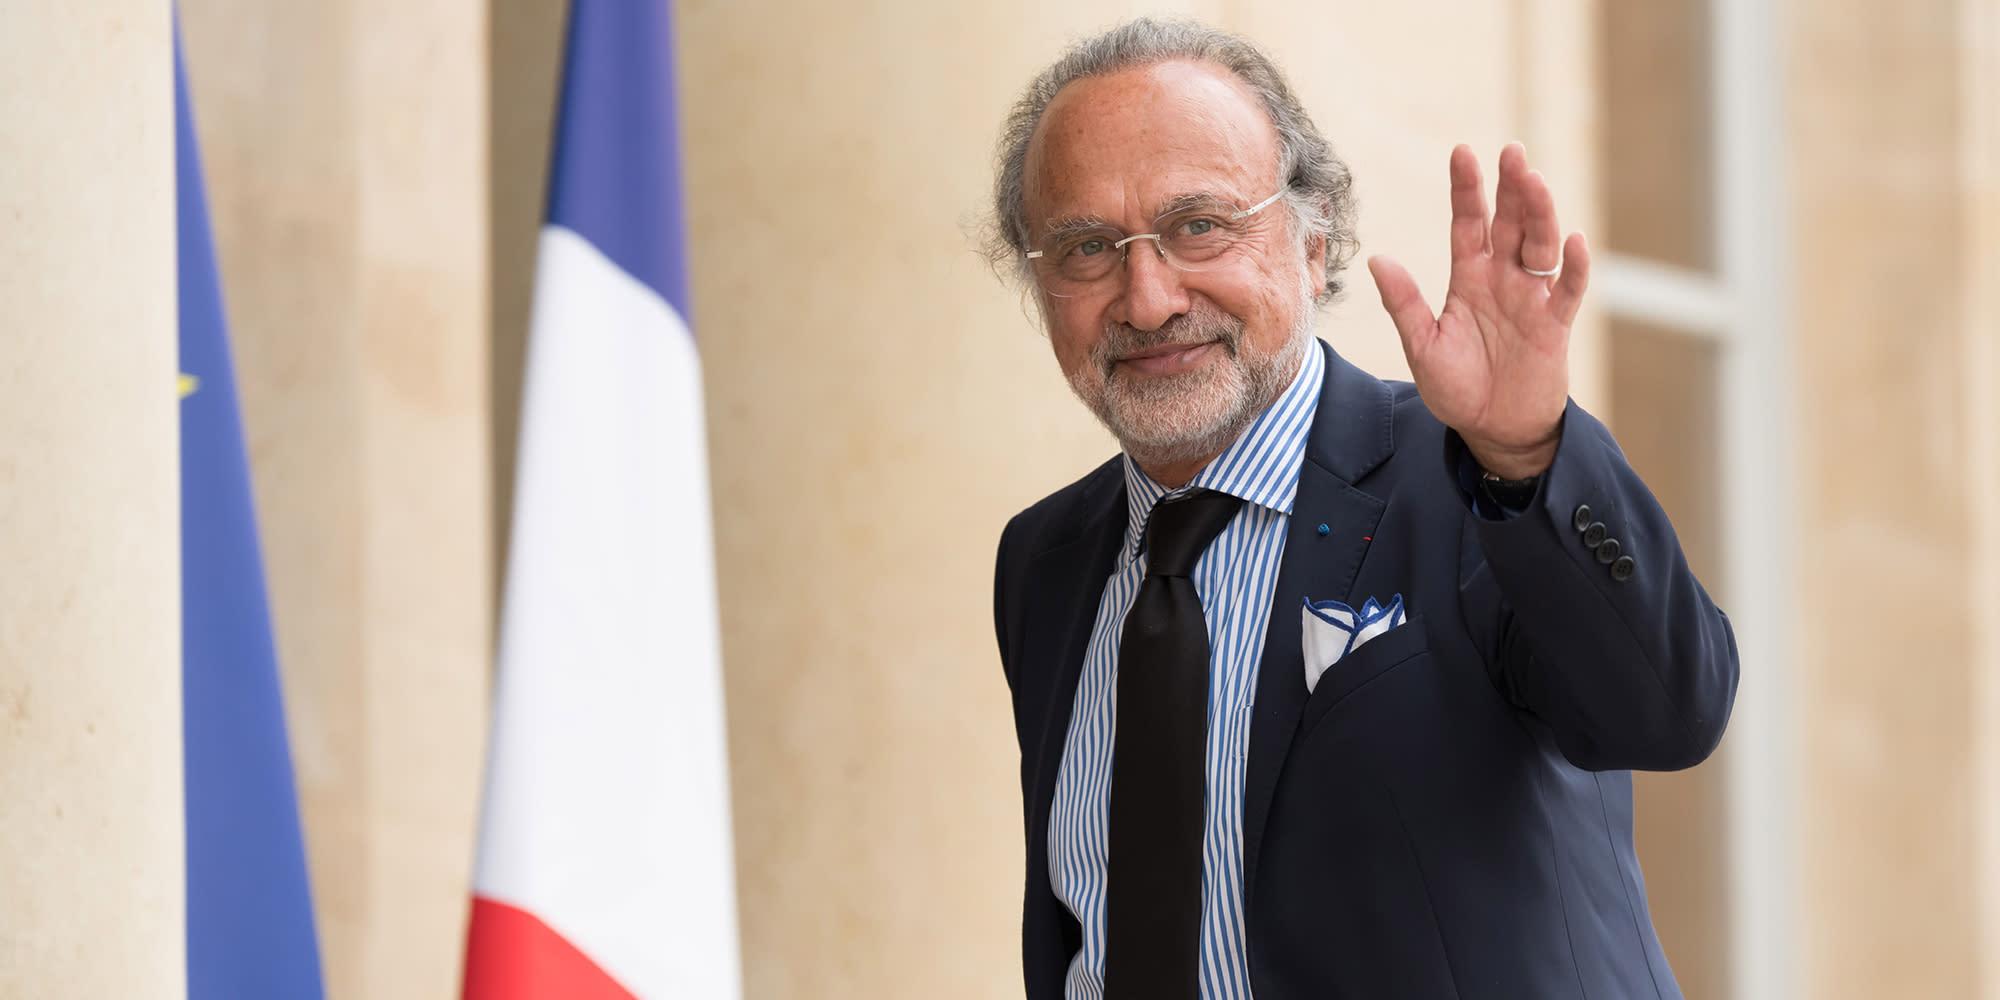 Mort du député et entrepreneur Olivier Dassault, dans le crash de son hélicoptère